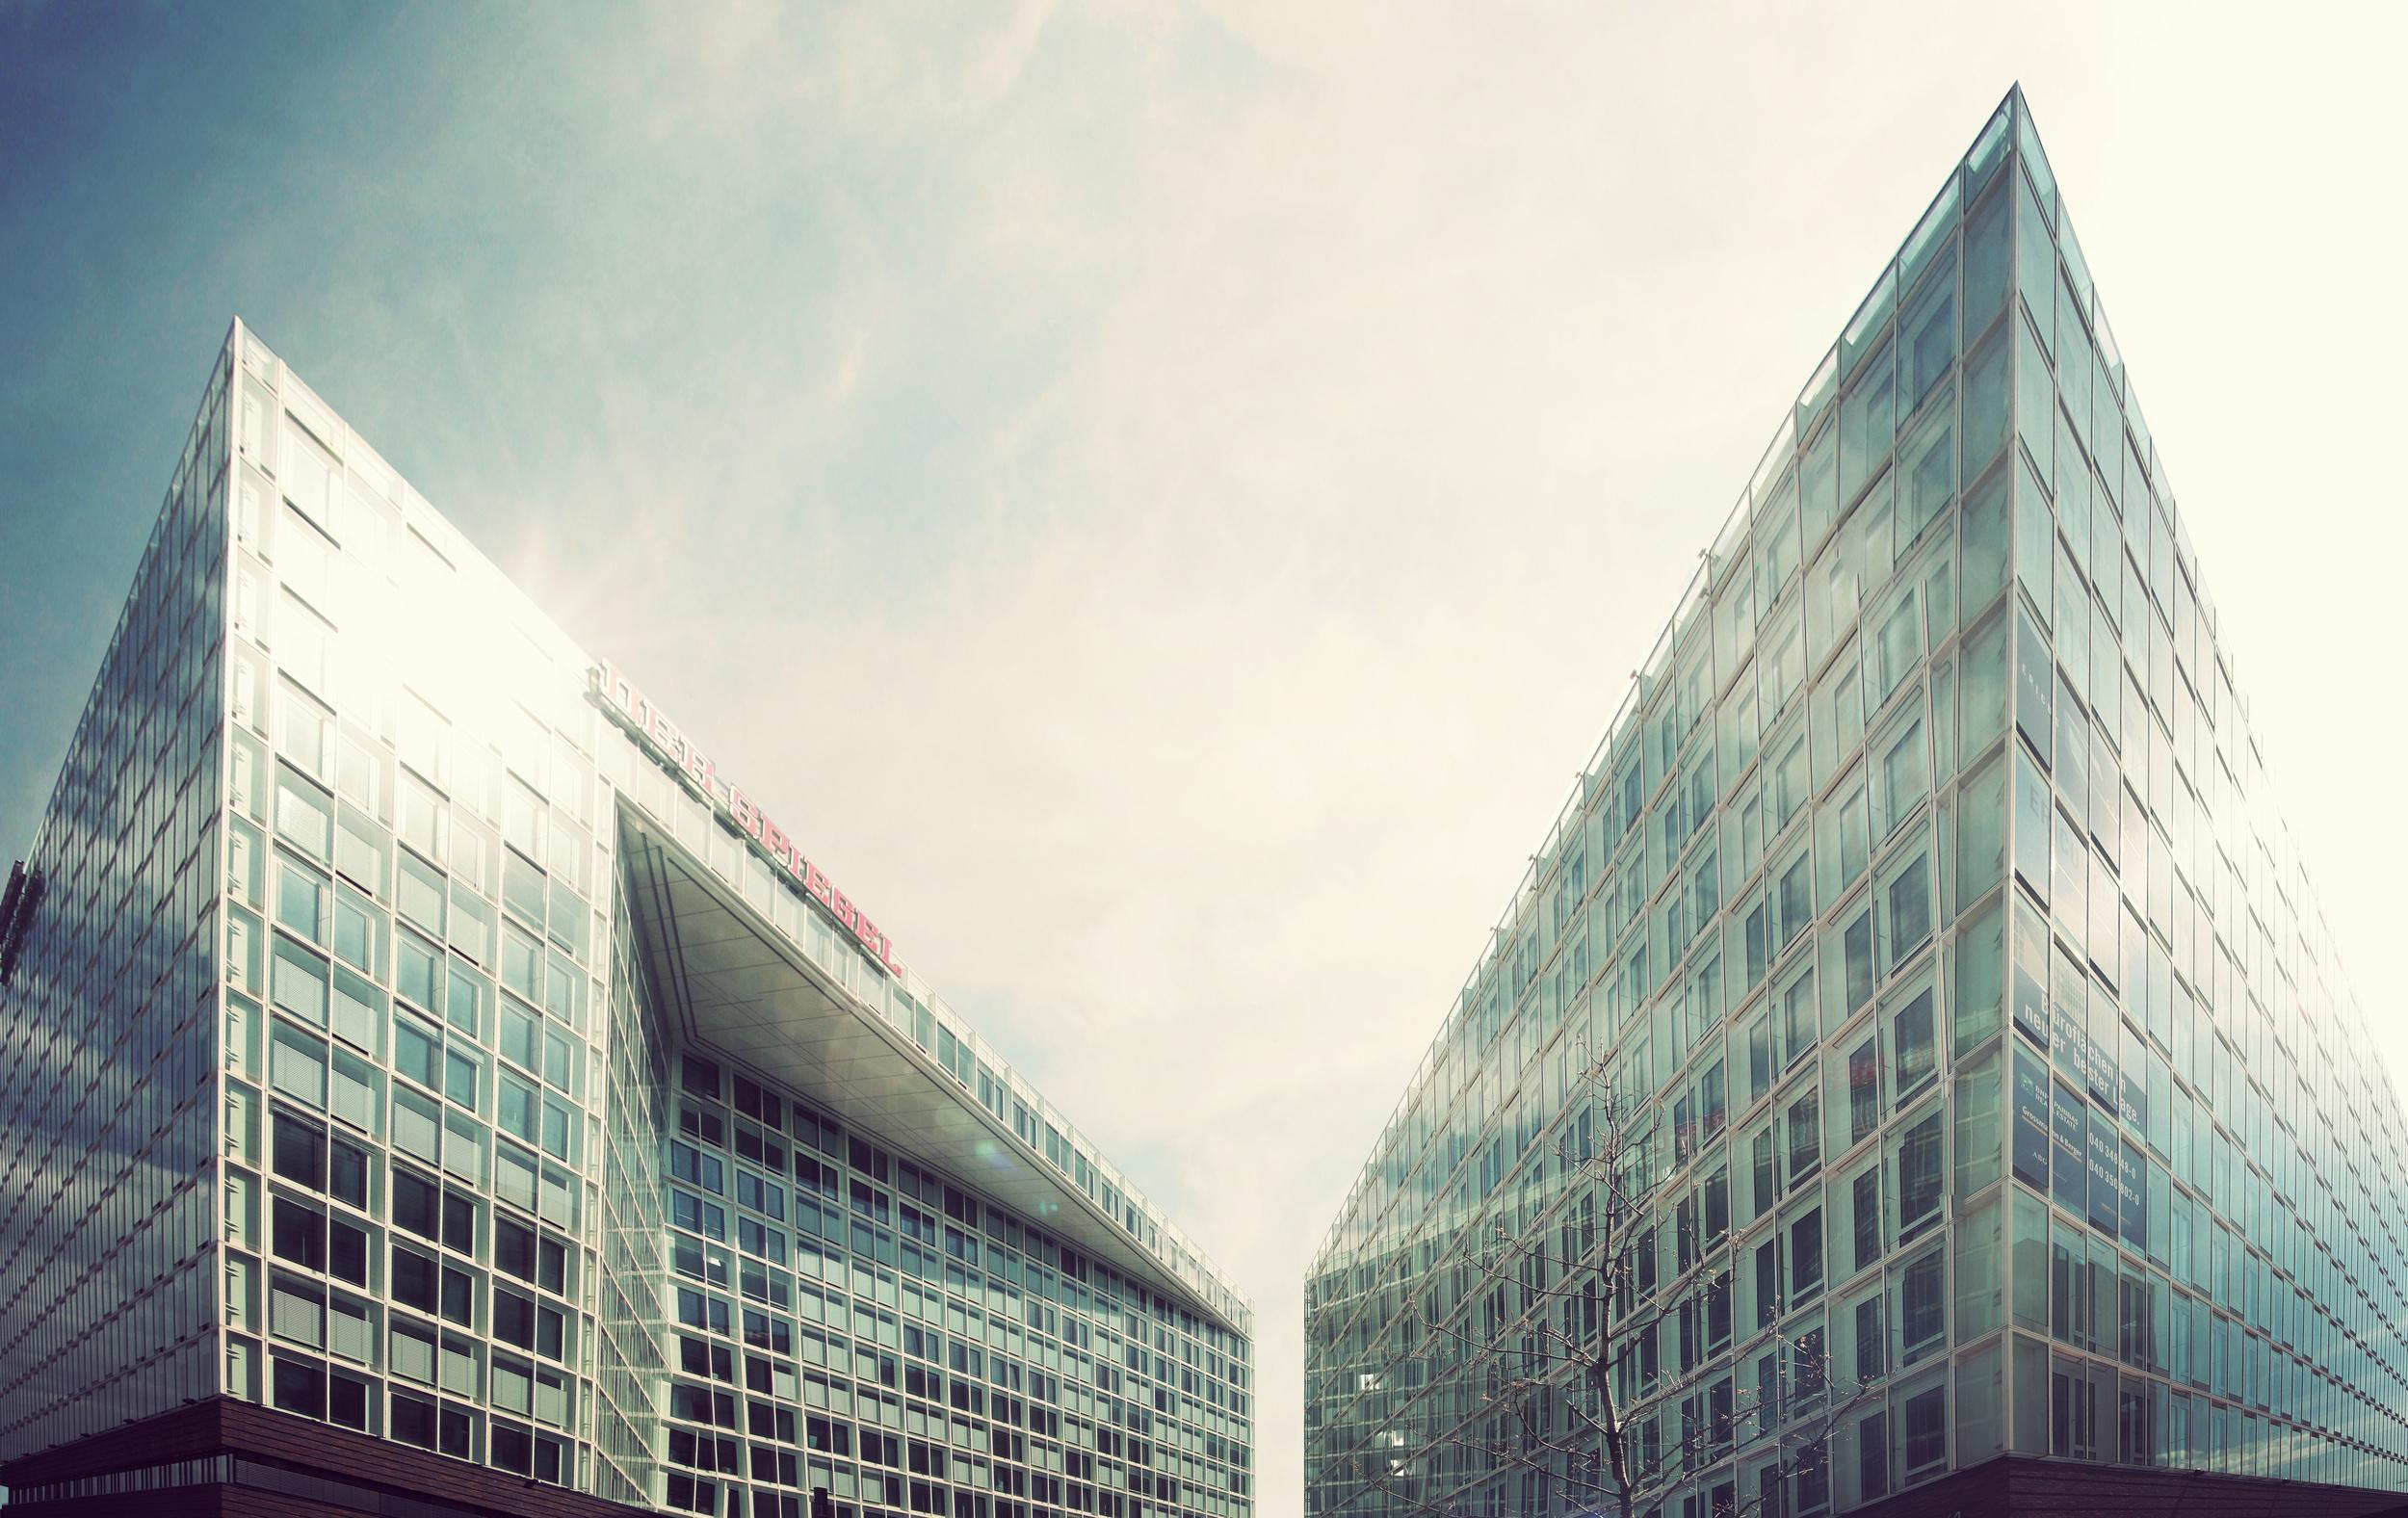 Der Spiegel Headquarters, Henning Larsen Architects